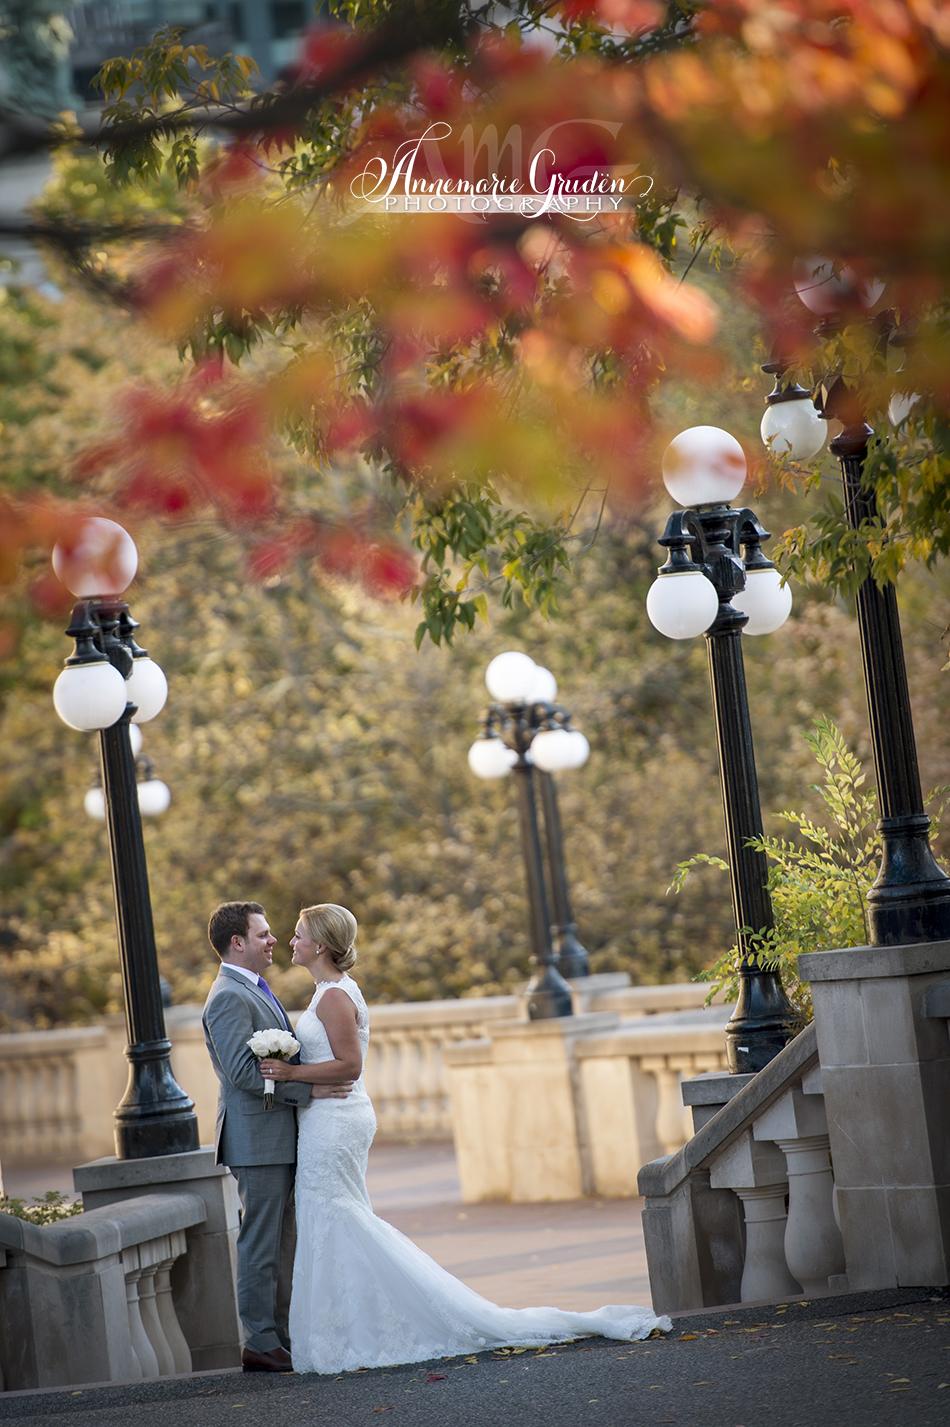 scenic wedding portrait